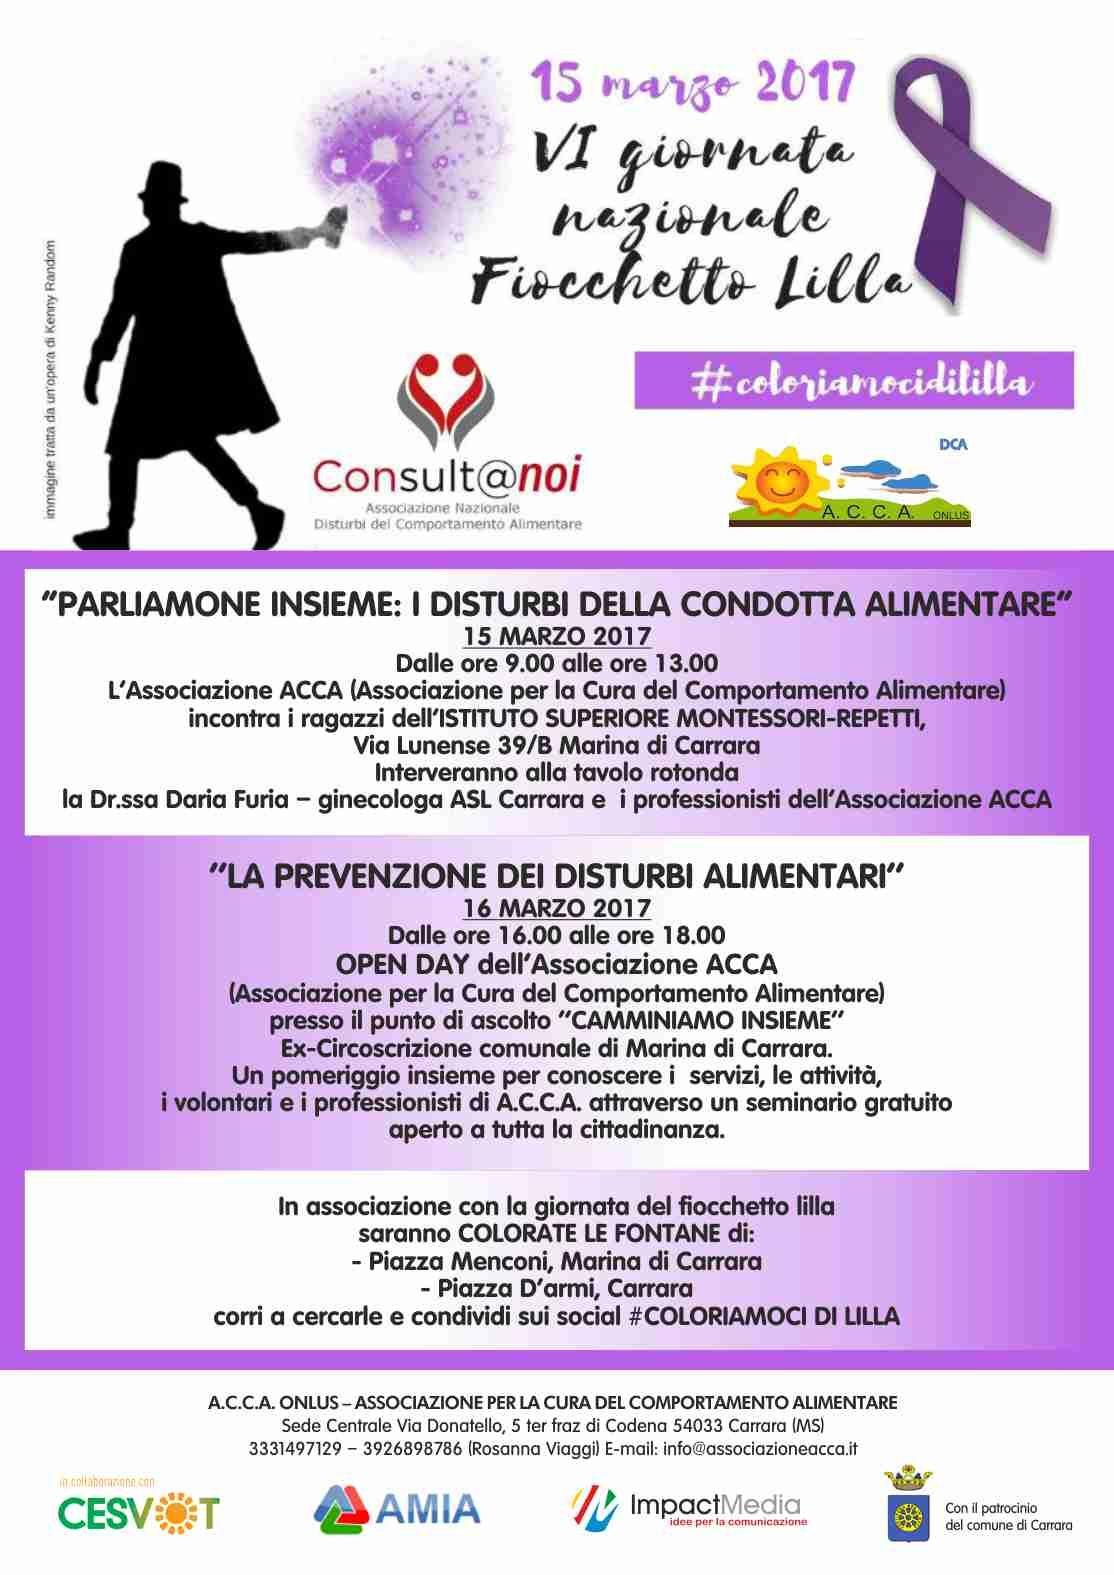 032267f9a5 #DCA #Carrara - In occasione della VI Giornata Nazionale del  #FiocchettoLilla, #